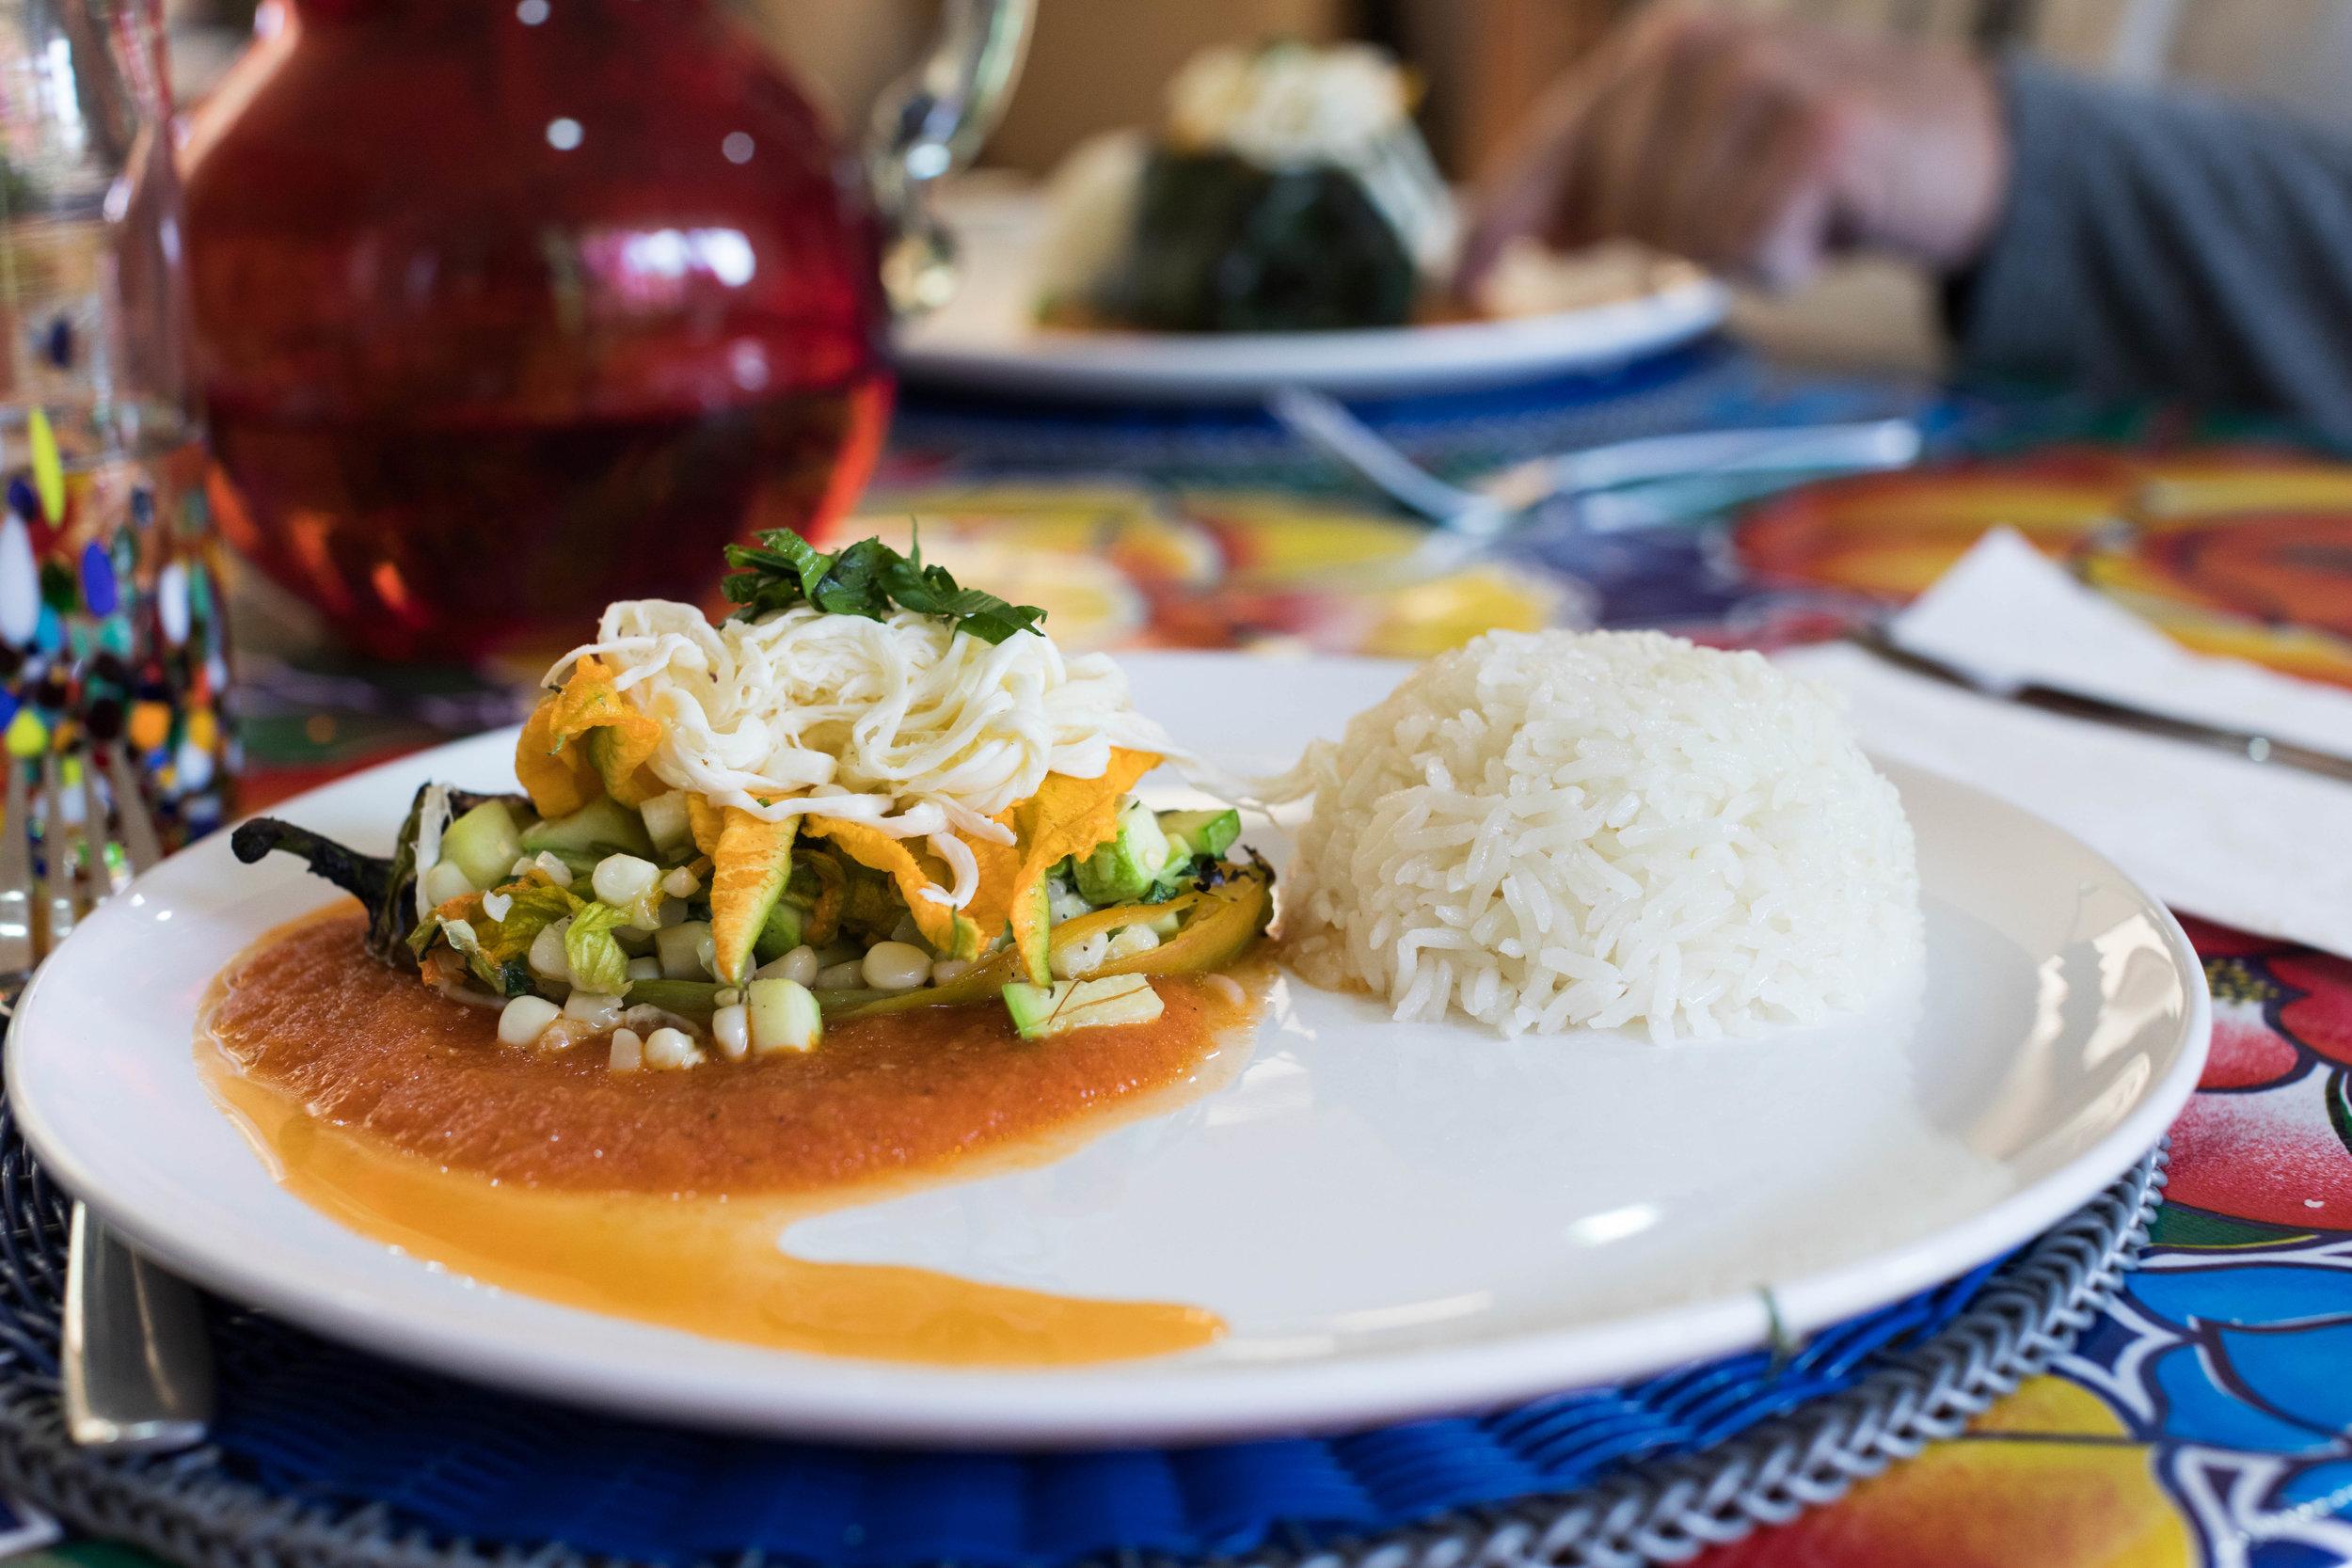 The more authentic, spicier chile relleno de flor de calabaza y queso con salsa roja!